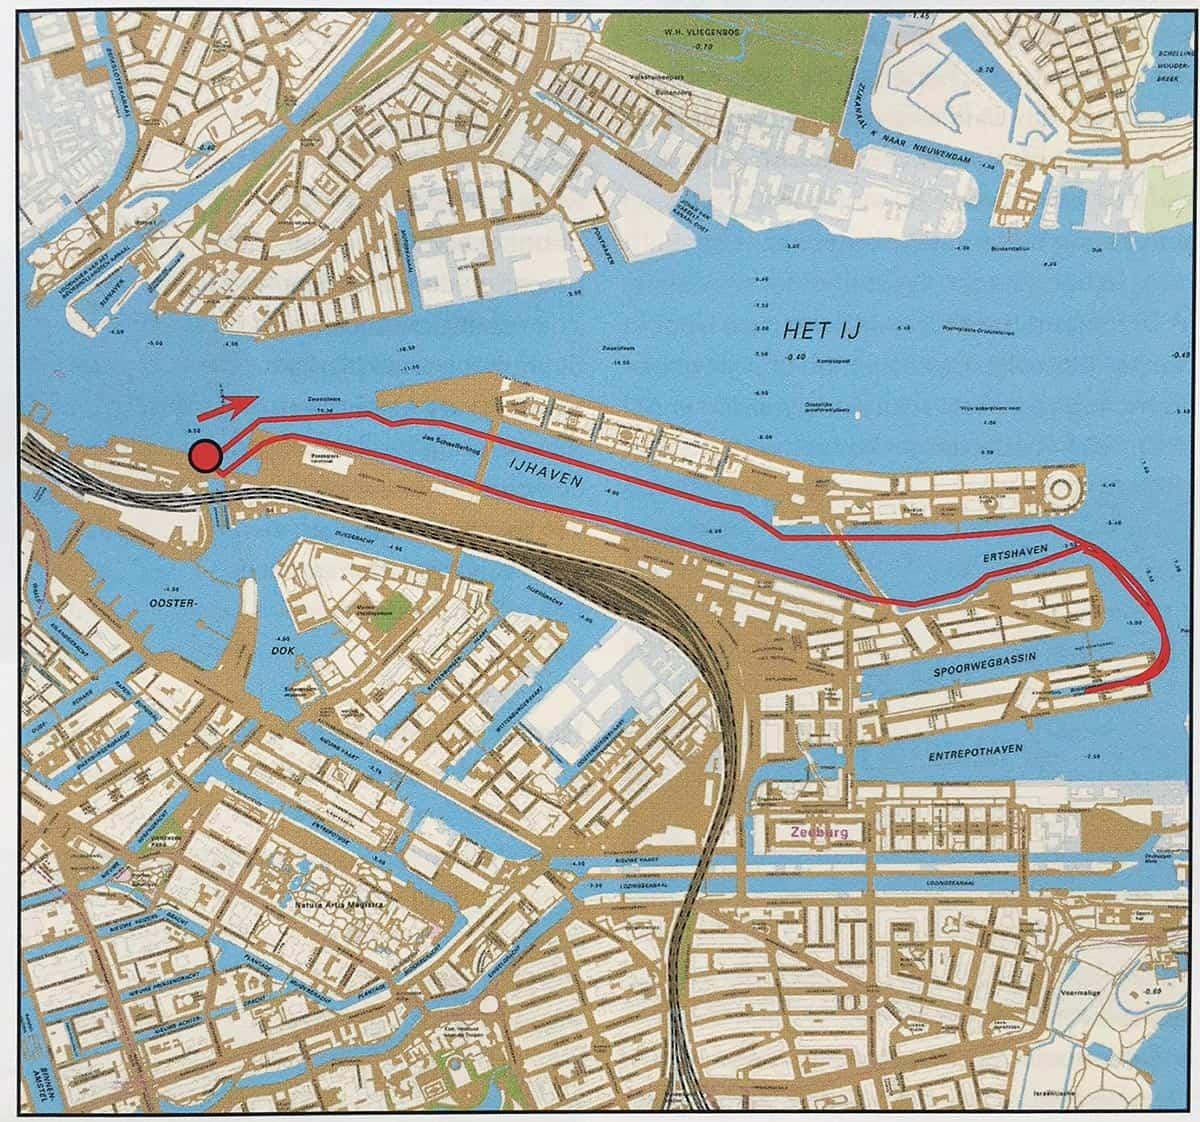 vaartocht oostelijk havengebied-amsterdam